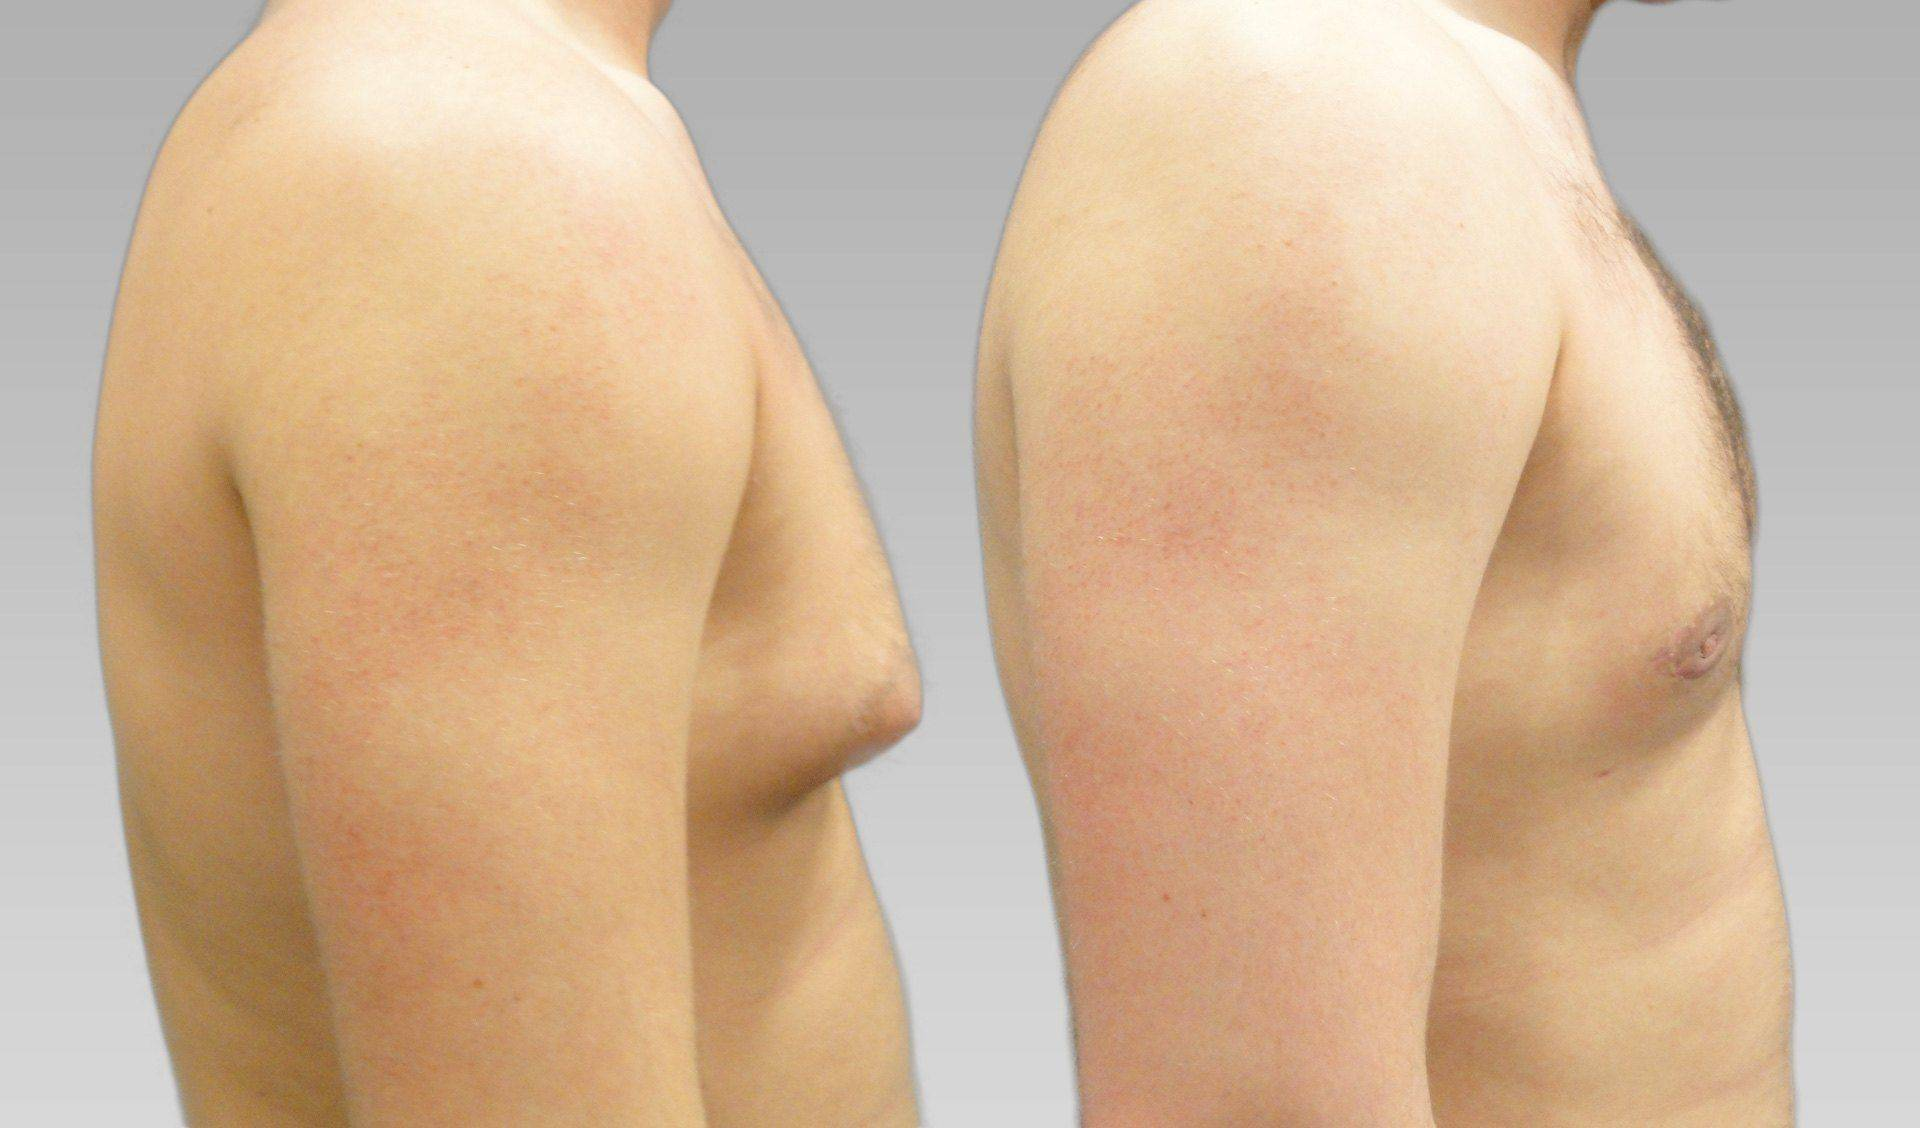 Операция при гинекомастии: показания и эффективность, проведение, восстановление после